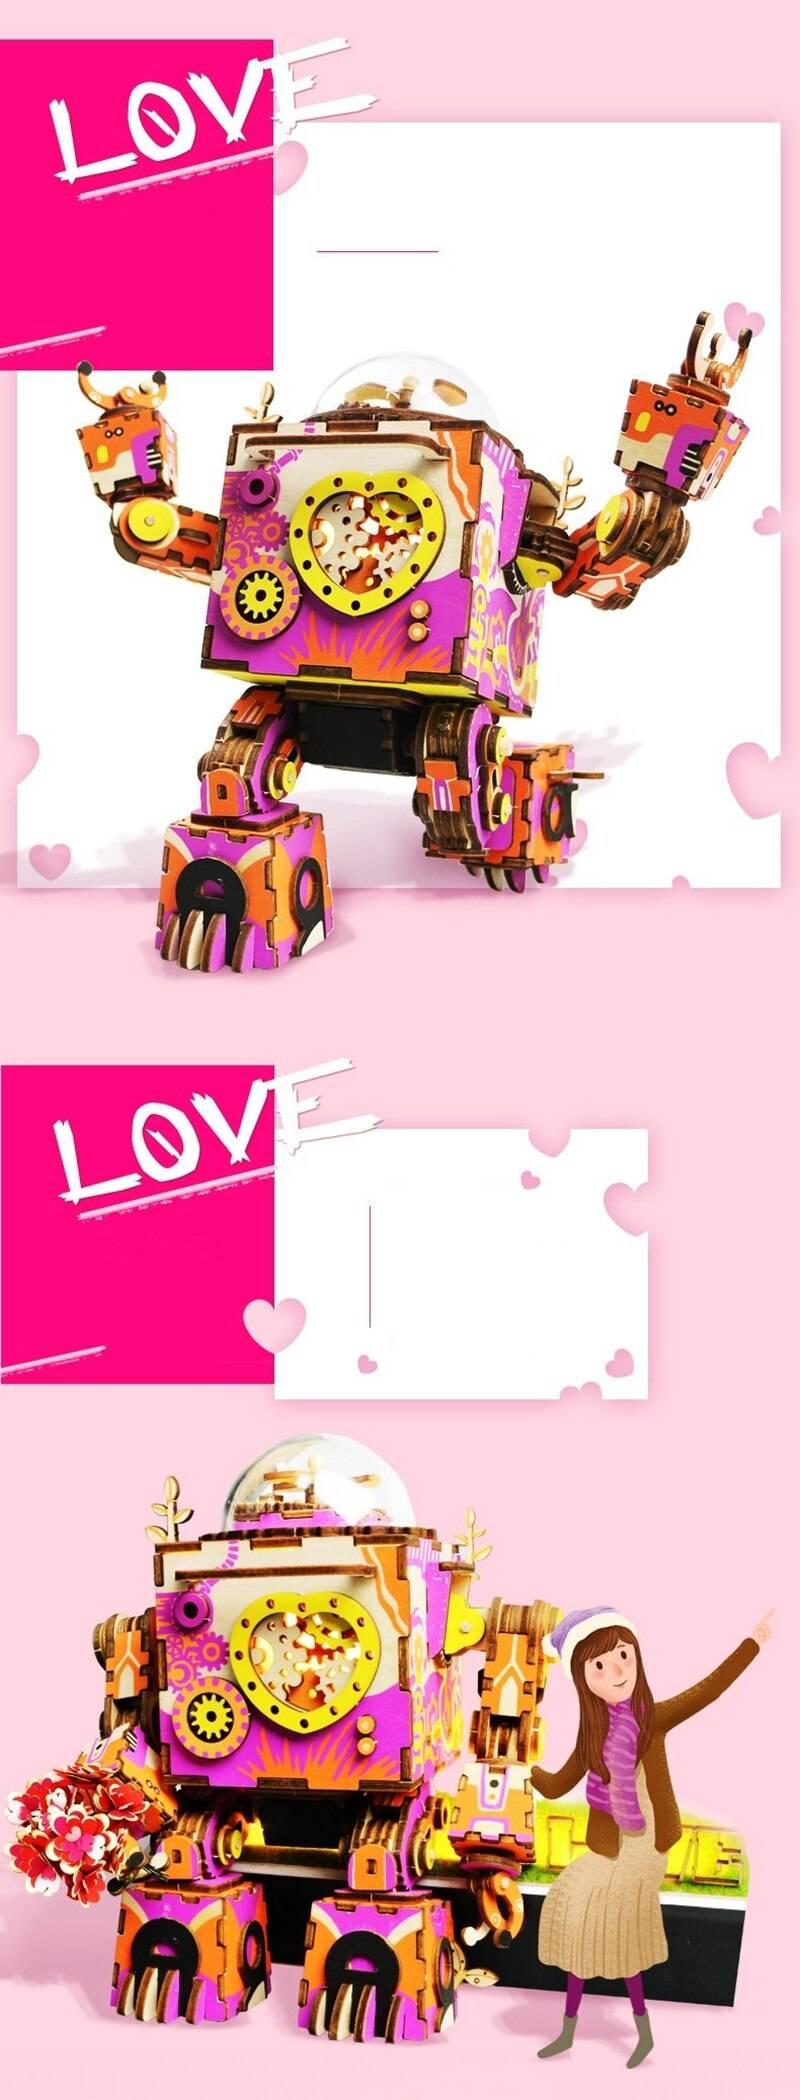 Robotime 3D Wooden Puzzle Kit Toys